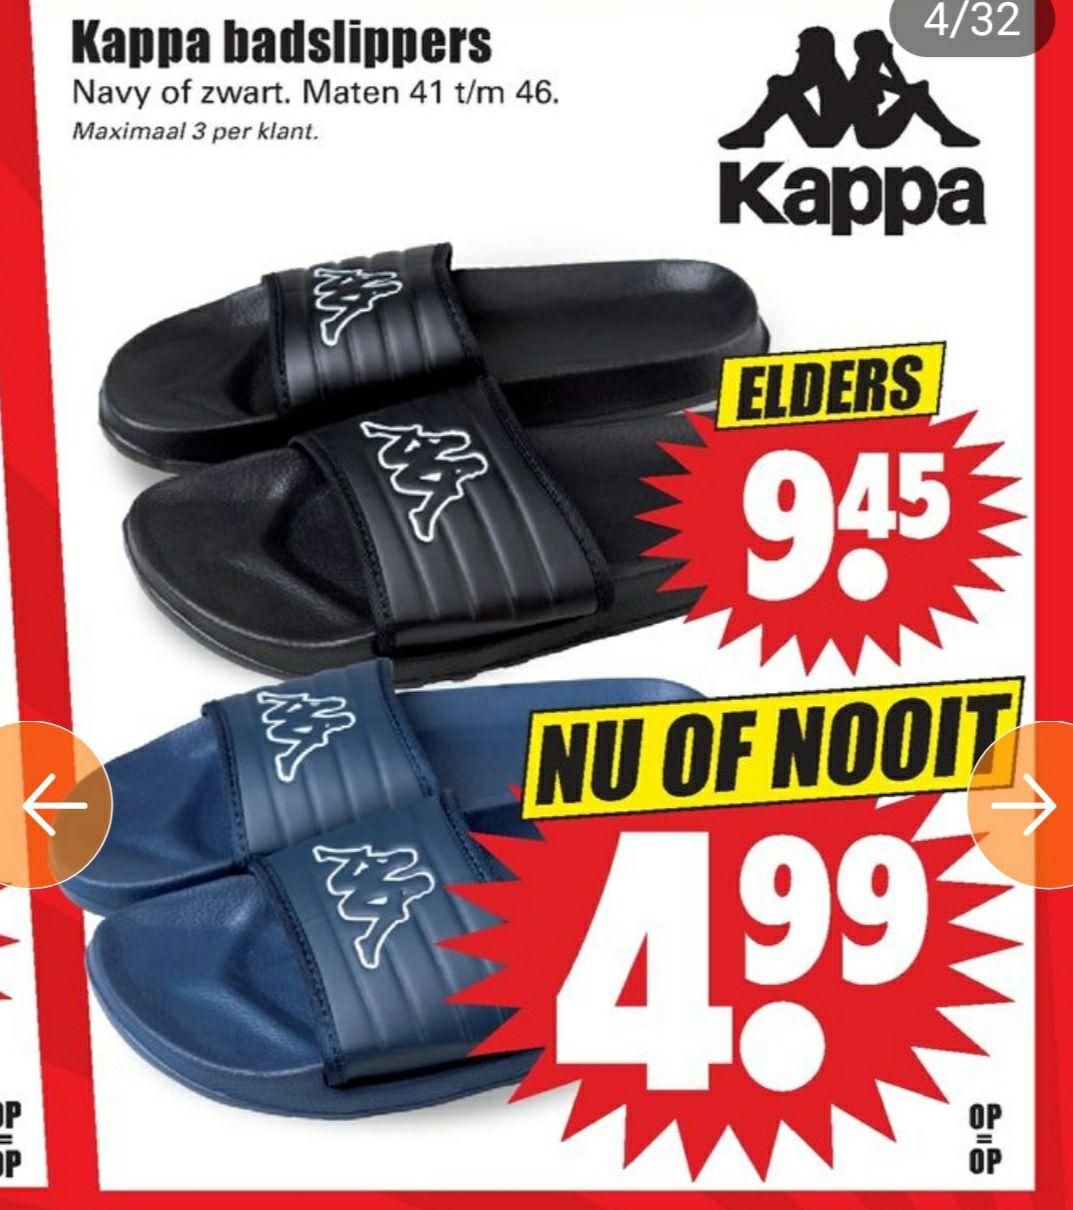 Mooie Kappa Slippers €4,99 @Dirk